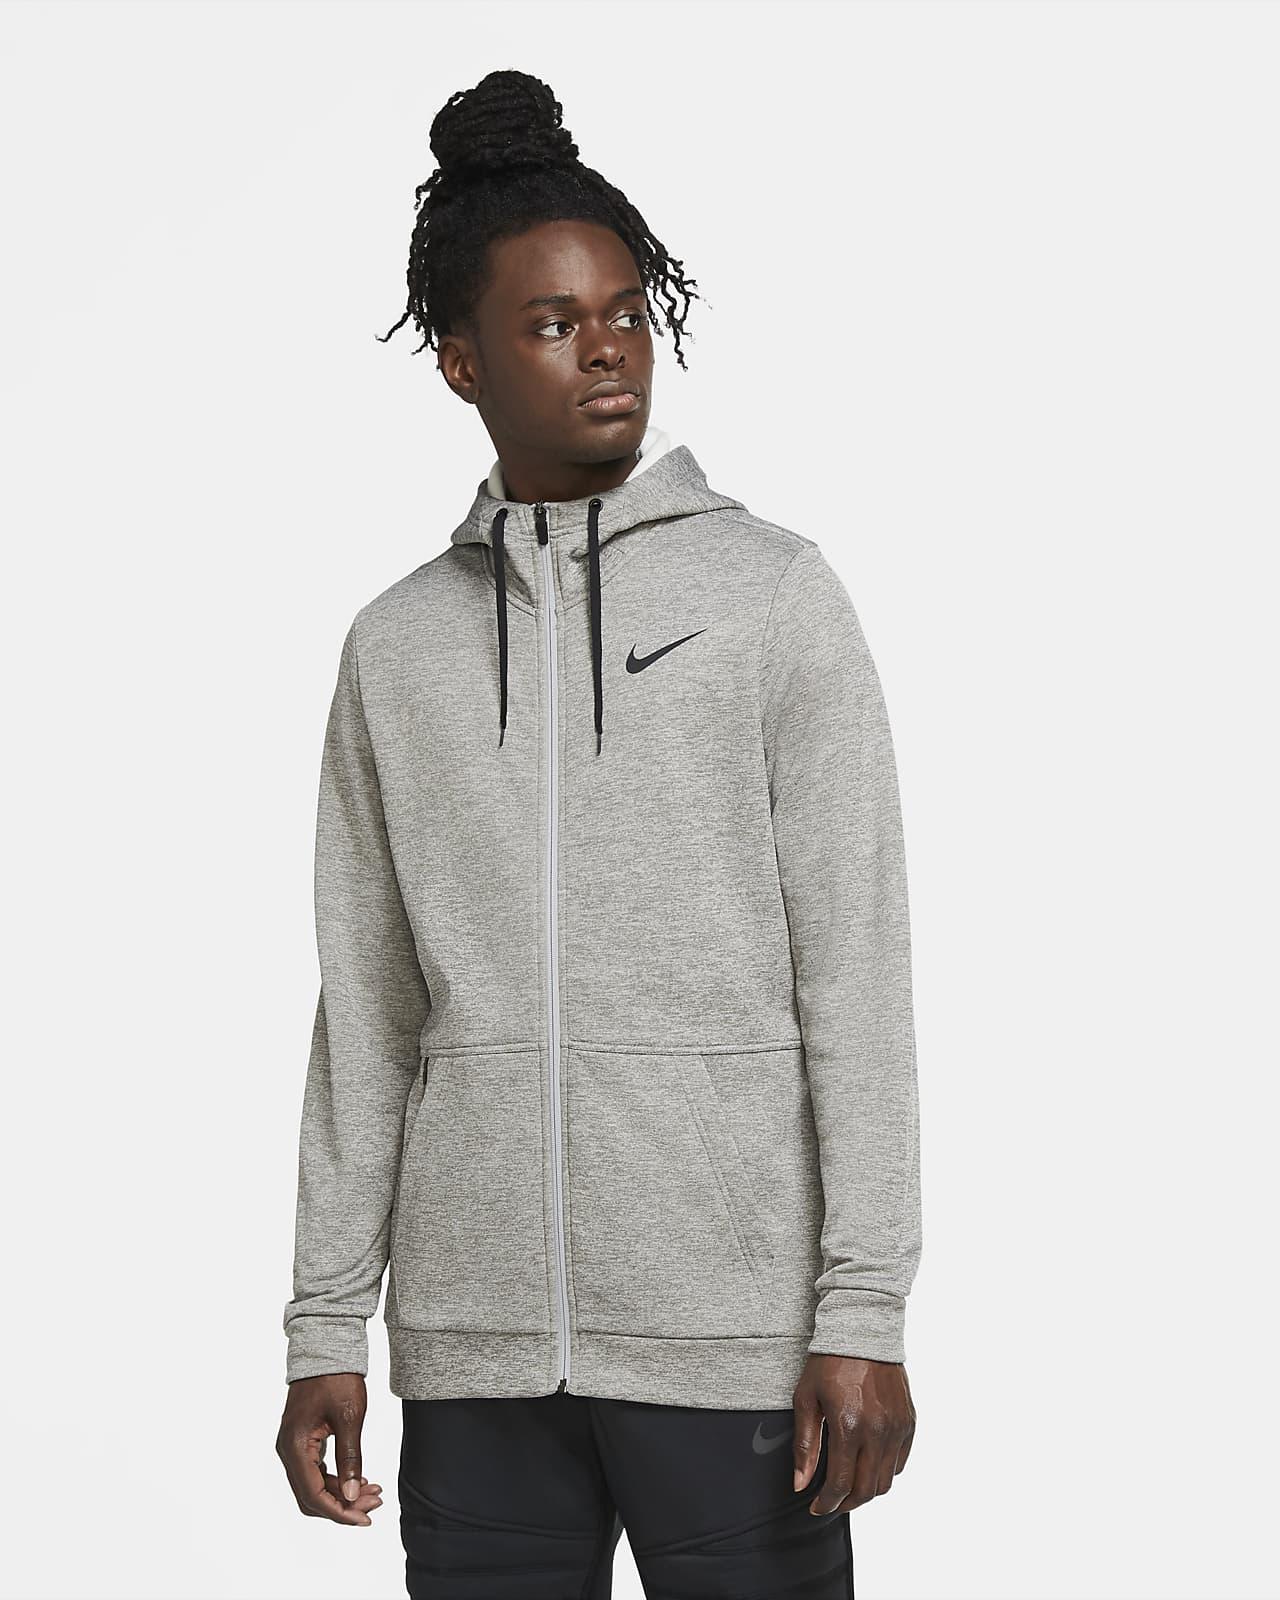 Ανδρική μπλούζα προπόνησης με κουκούλα και φερμουάρ Nike Therma